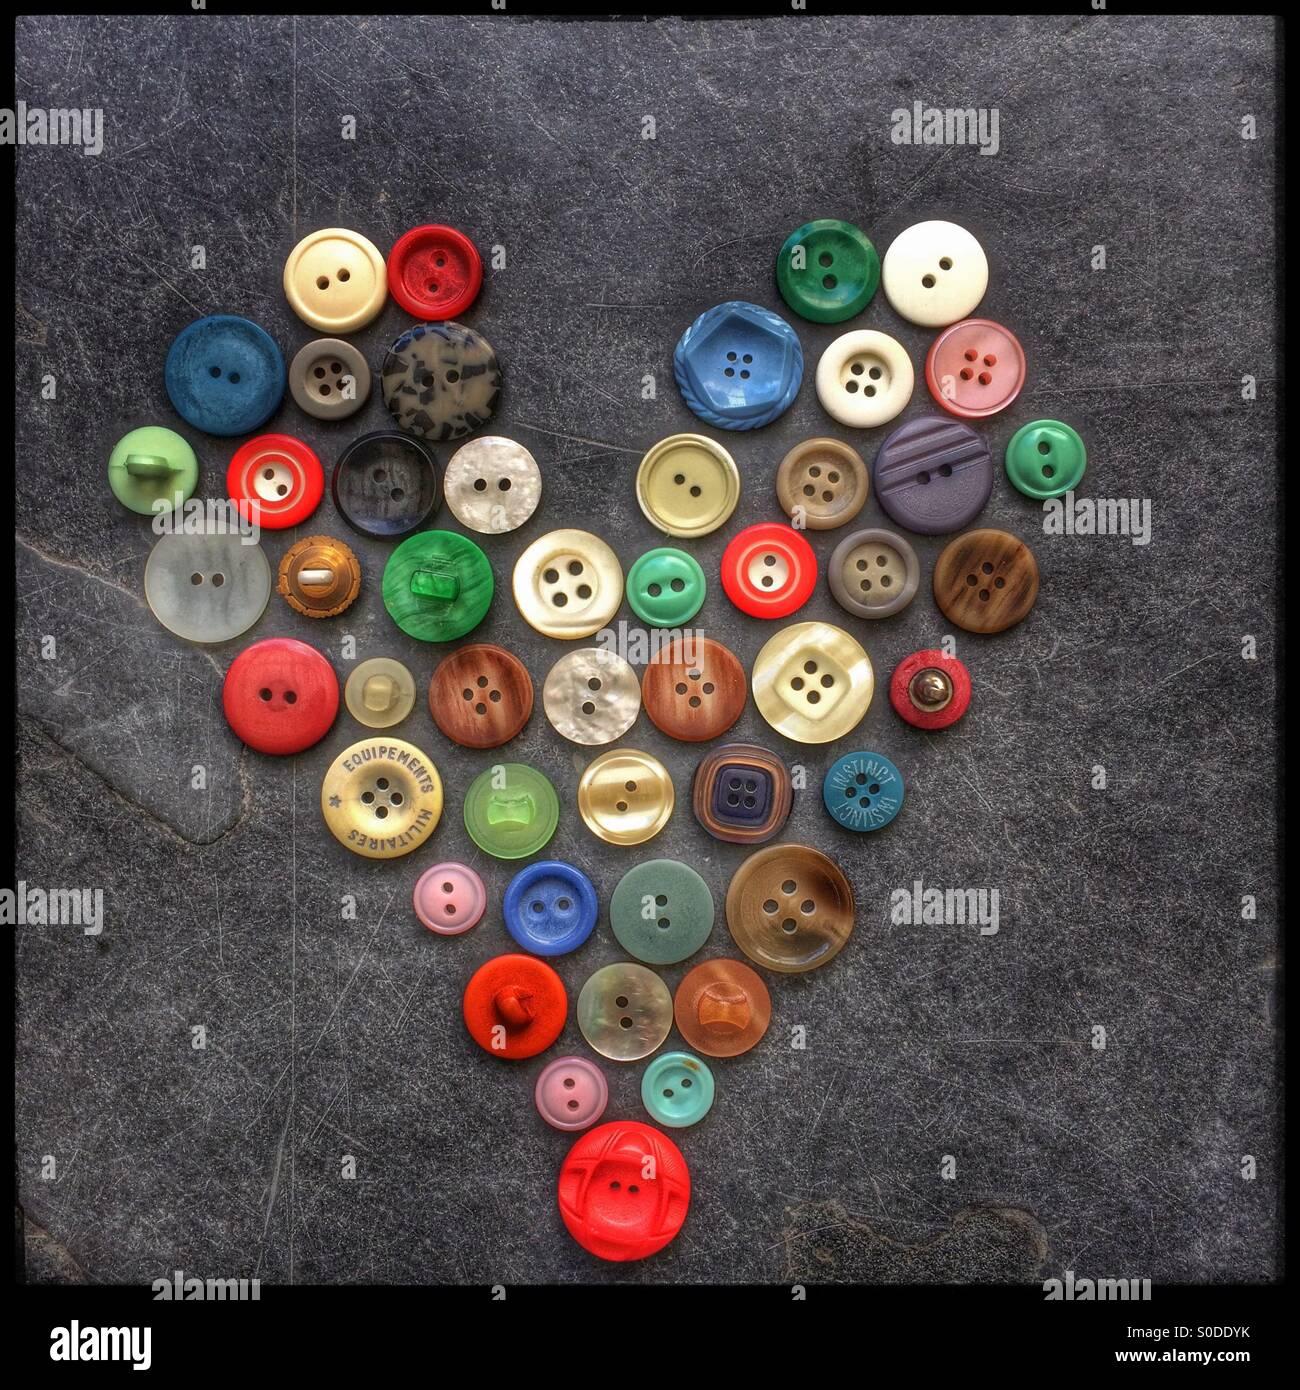 Herzform gemacht von Schaltflächen. Stockbild